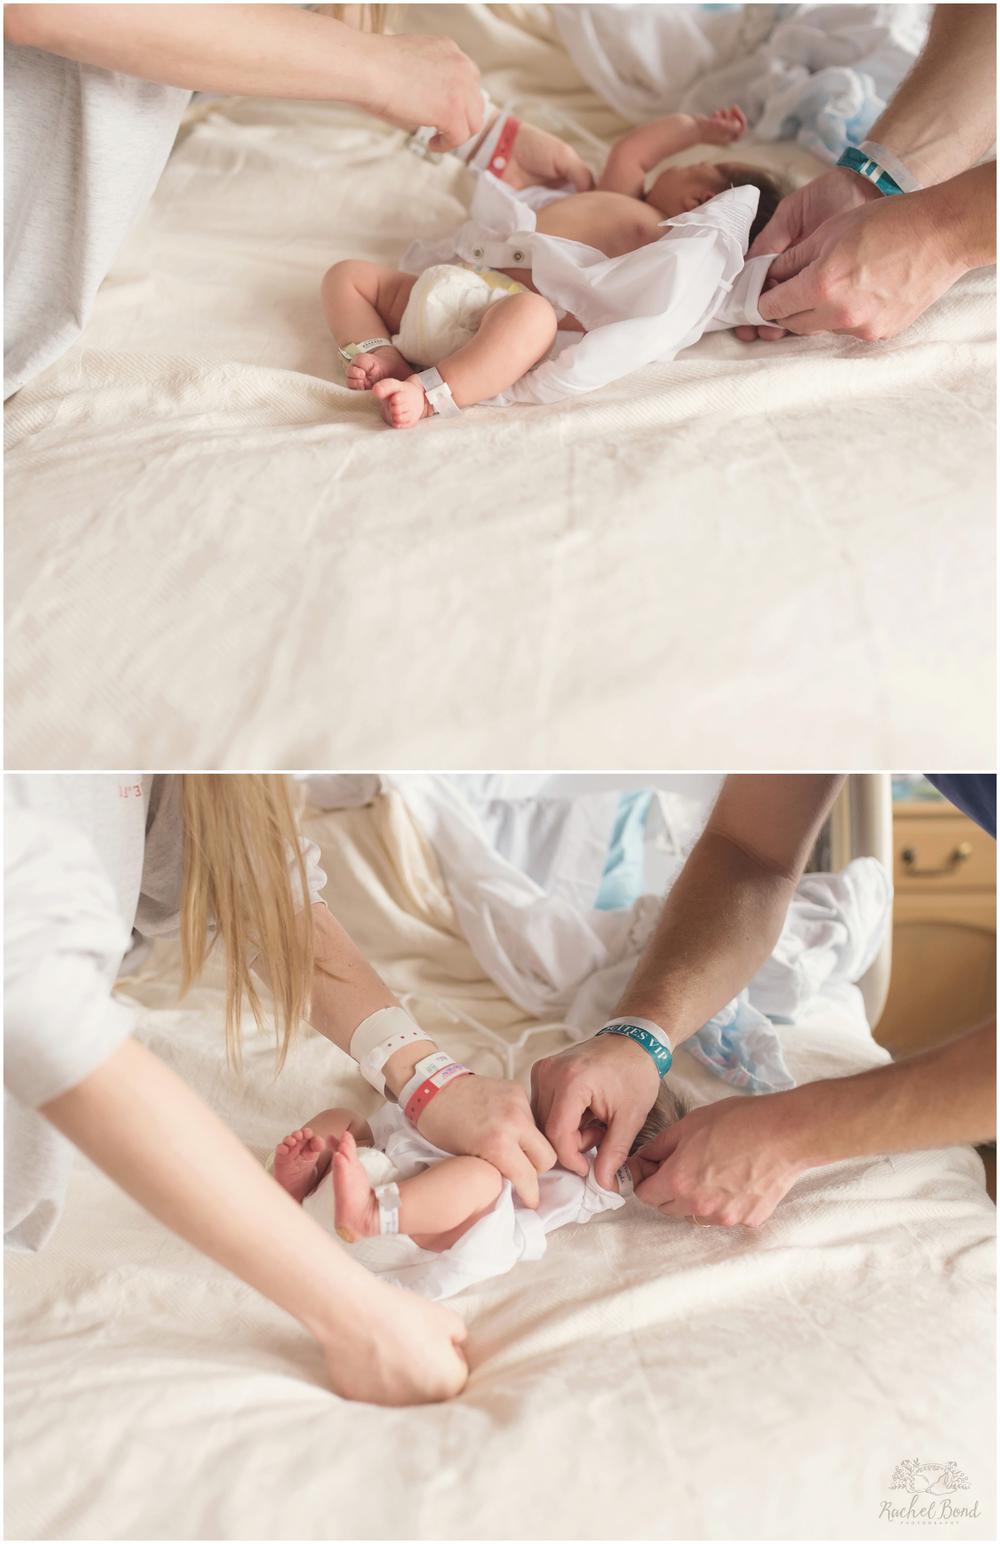 Rachel-Bond-Birmingham-AL-baby-photographer-6361.jpg